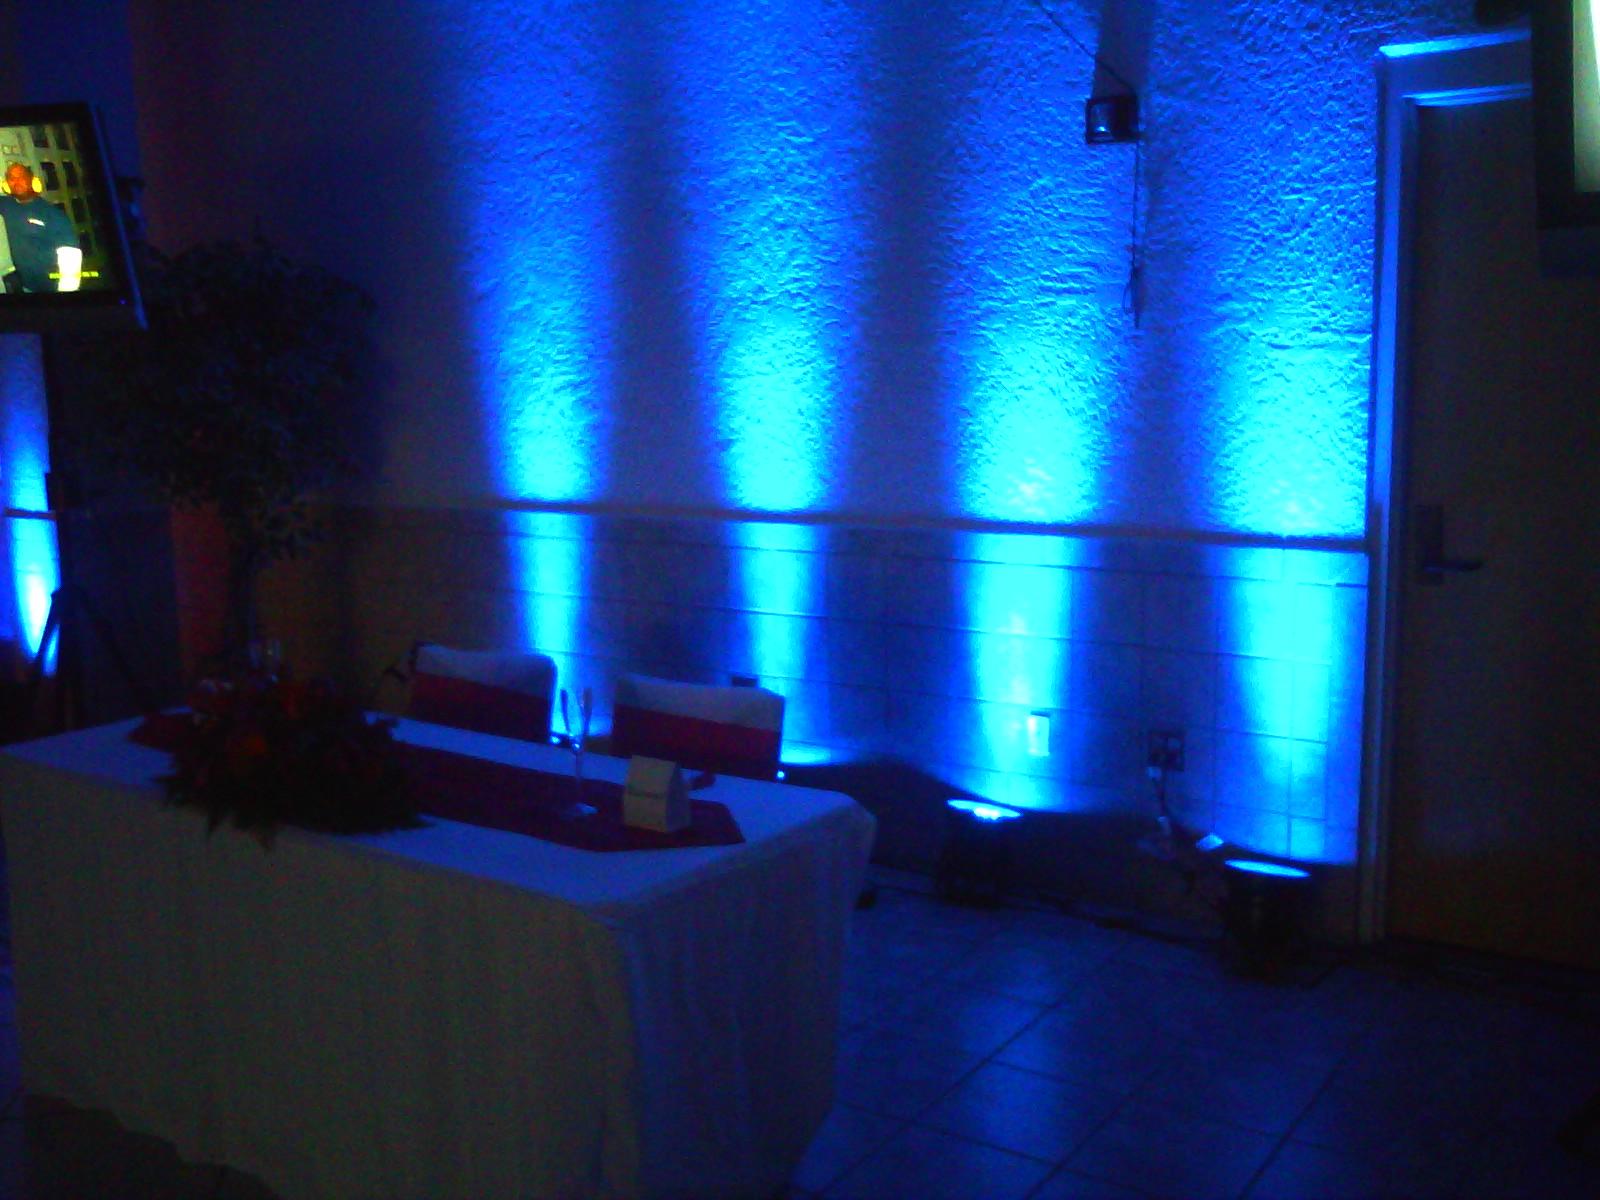 4 blue up-lights